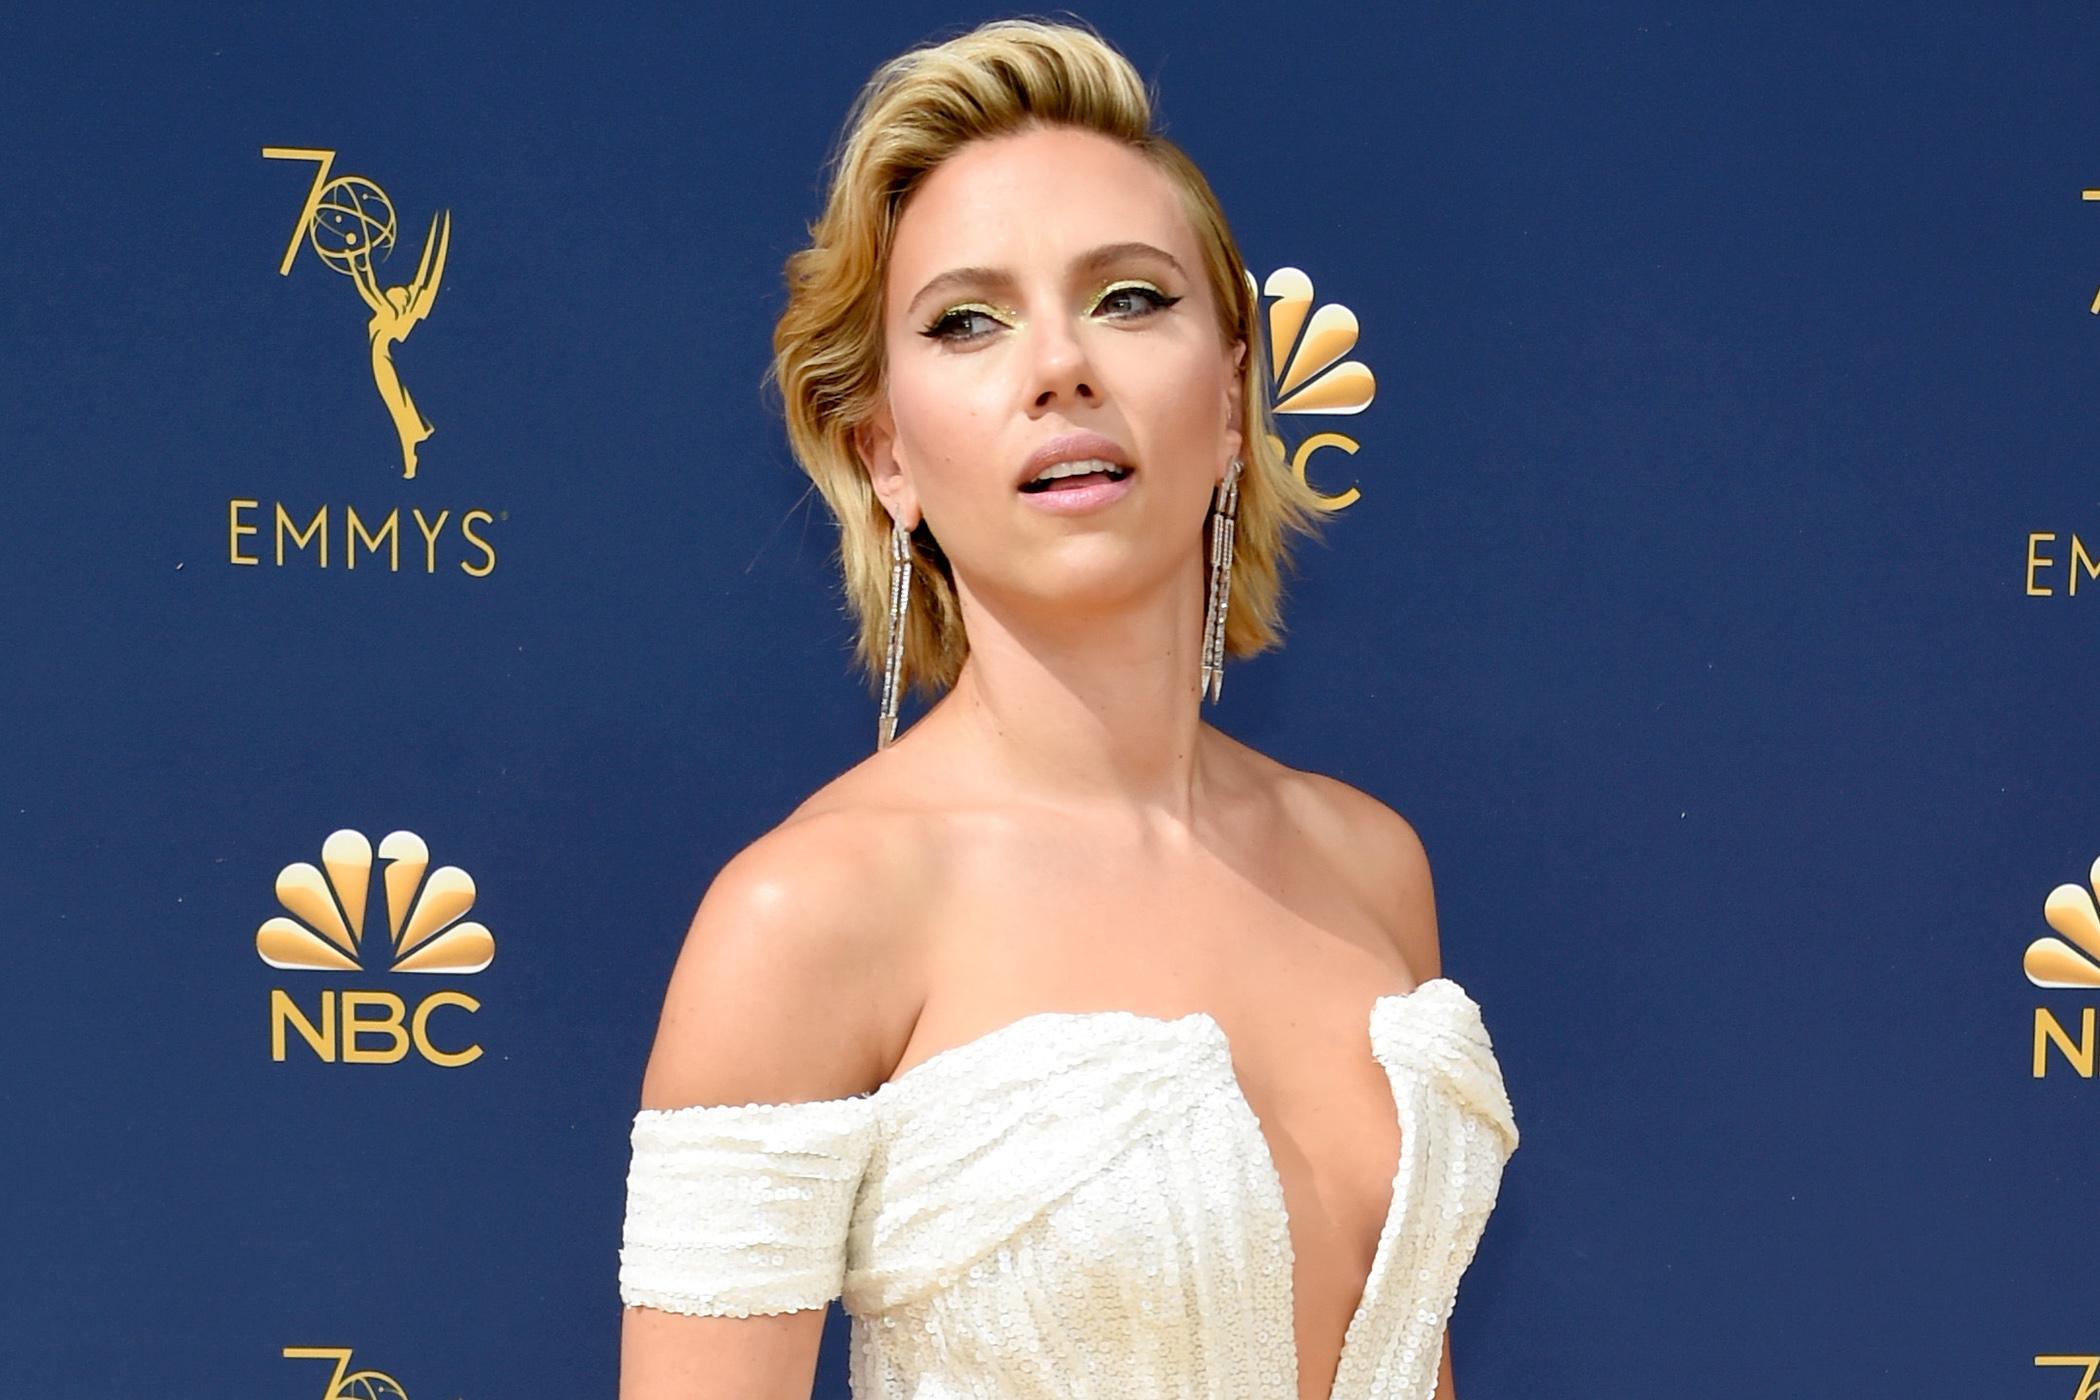 Második gyermekét várja a világhírű színésznő: már vissza is vonult a nyilvánosság elől